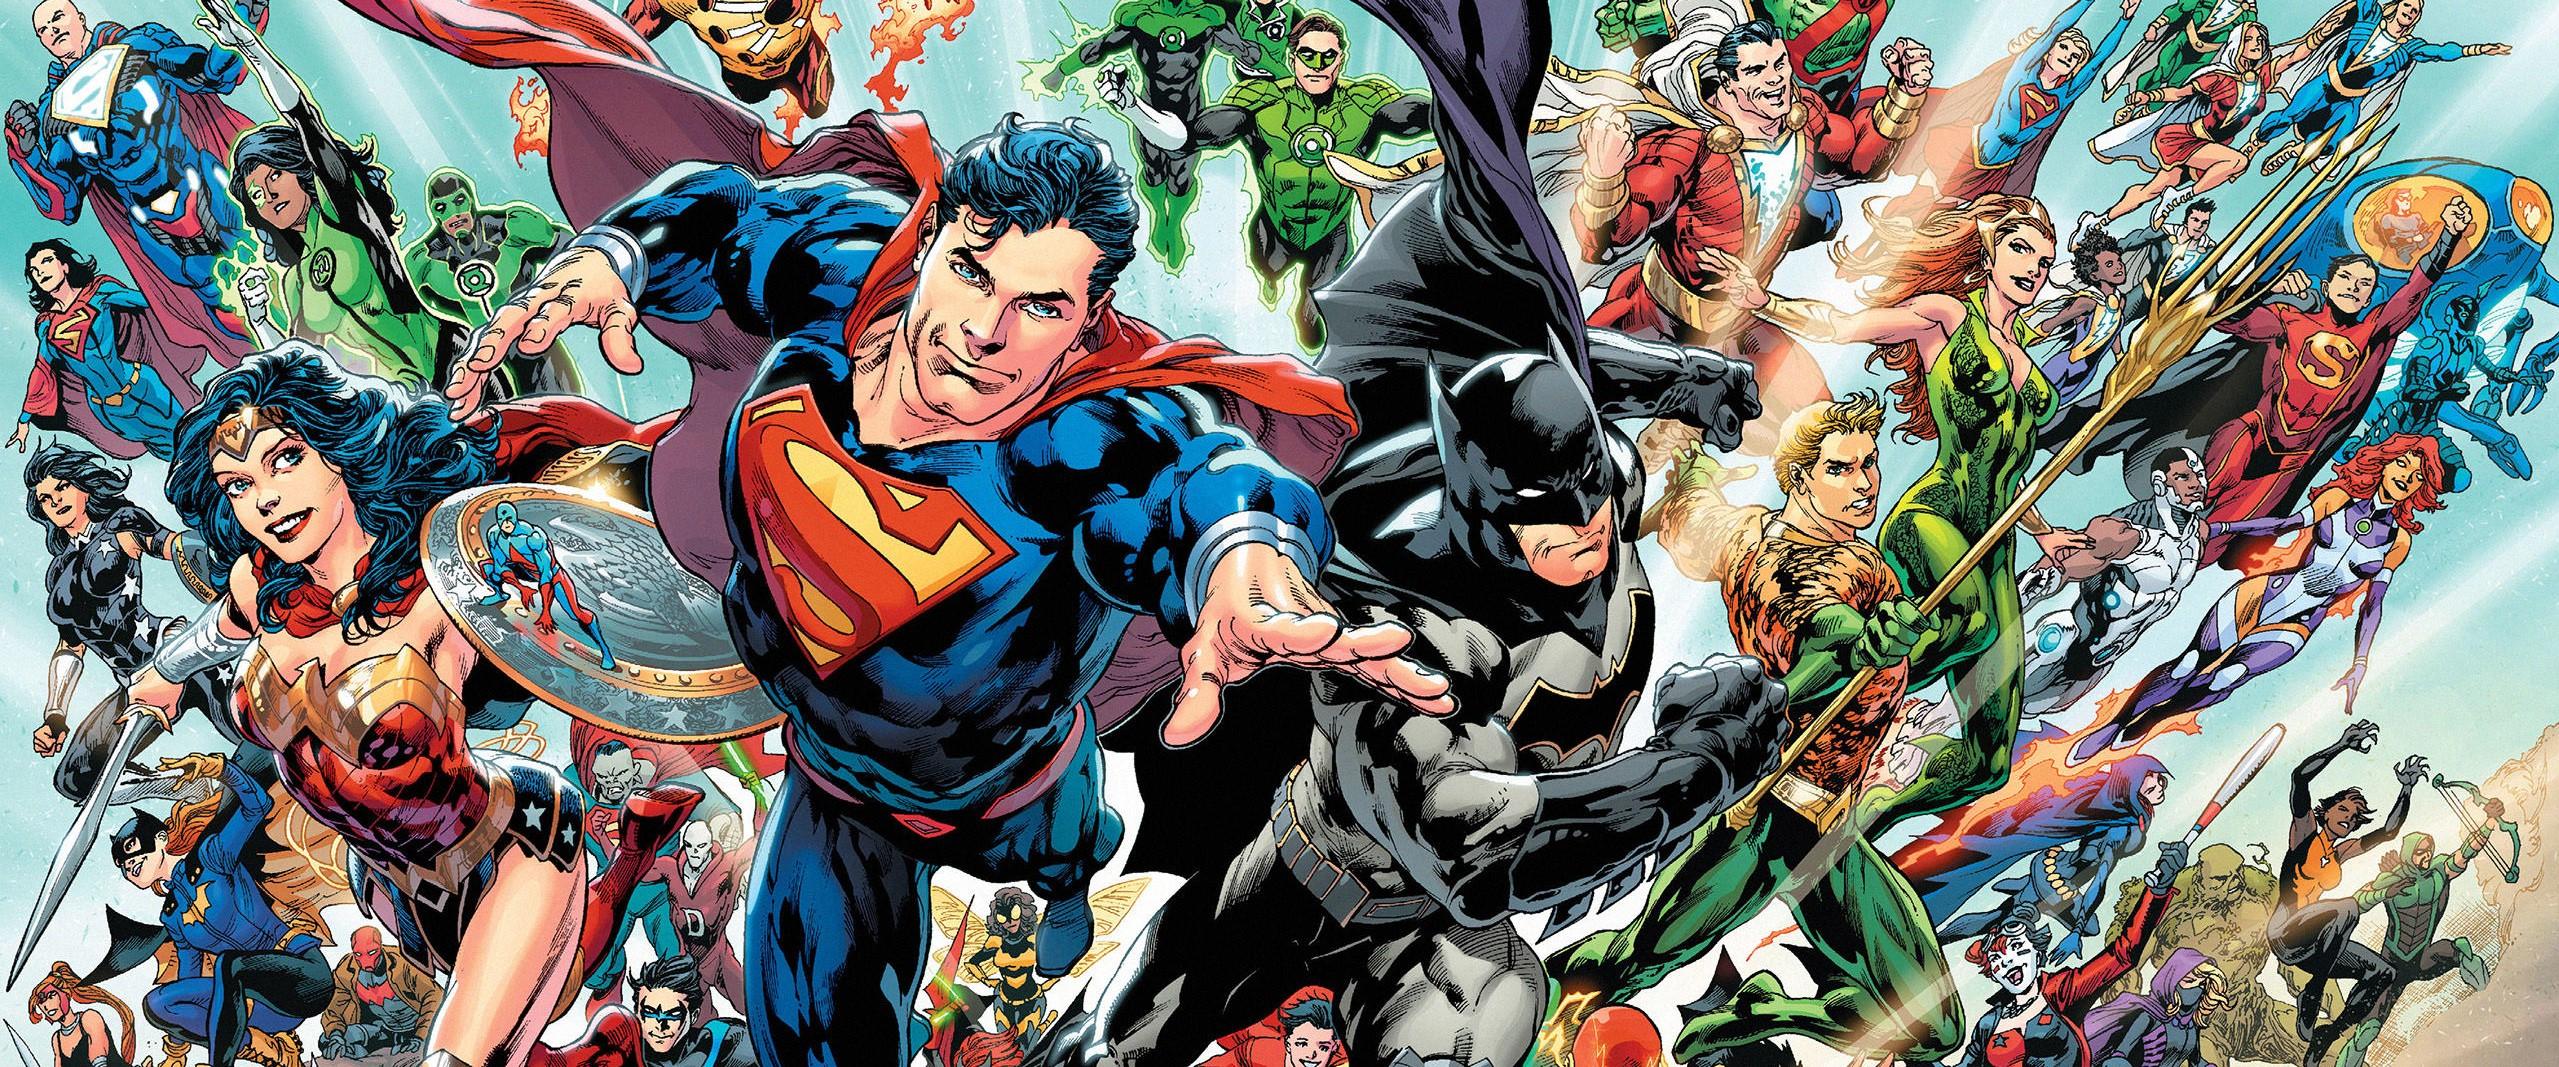 Слух: В августе Warner Bros. проведут большой ивент, посвященный DC Comics. Там покажут новые игры их вселенной